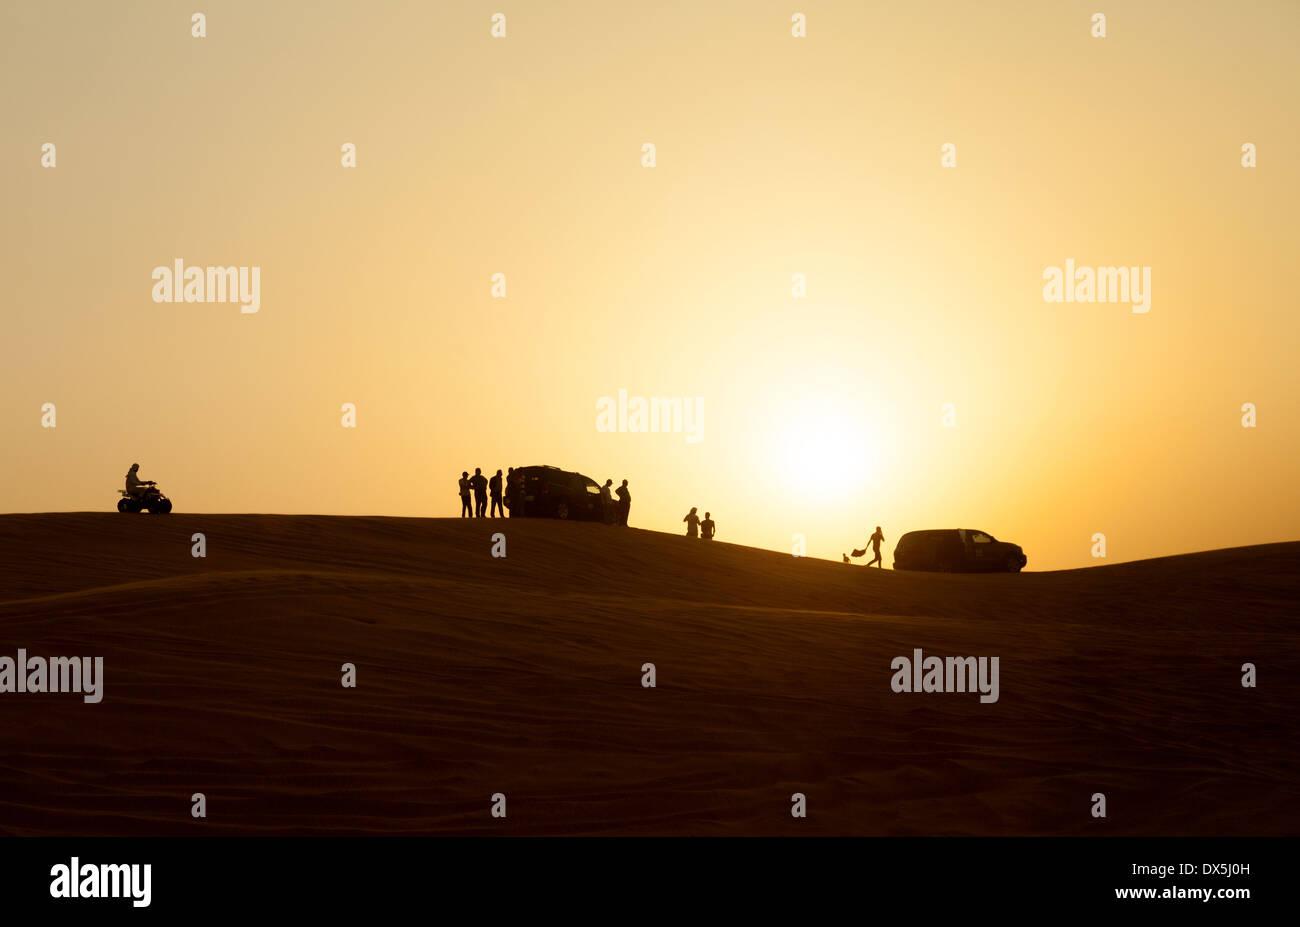 Dubai Desert Safari - la gente a guardare il tramonto dalle dune del deserto Arabico, Dubai, Emirati Arabi Uniti, Emirati Arabi Uniti, Medio Oriente Immagini Stock